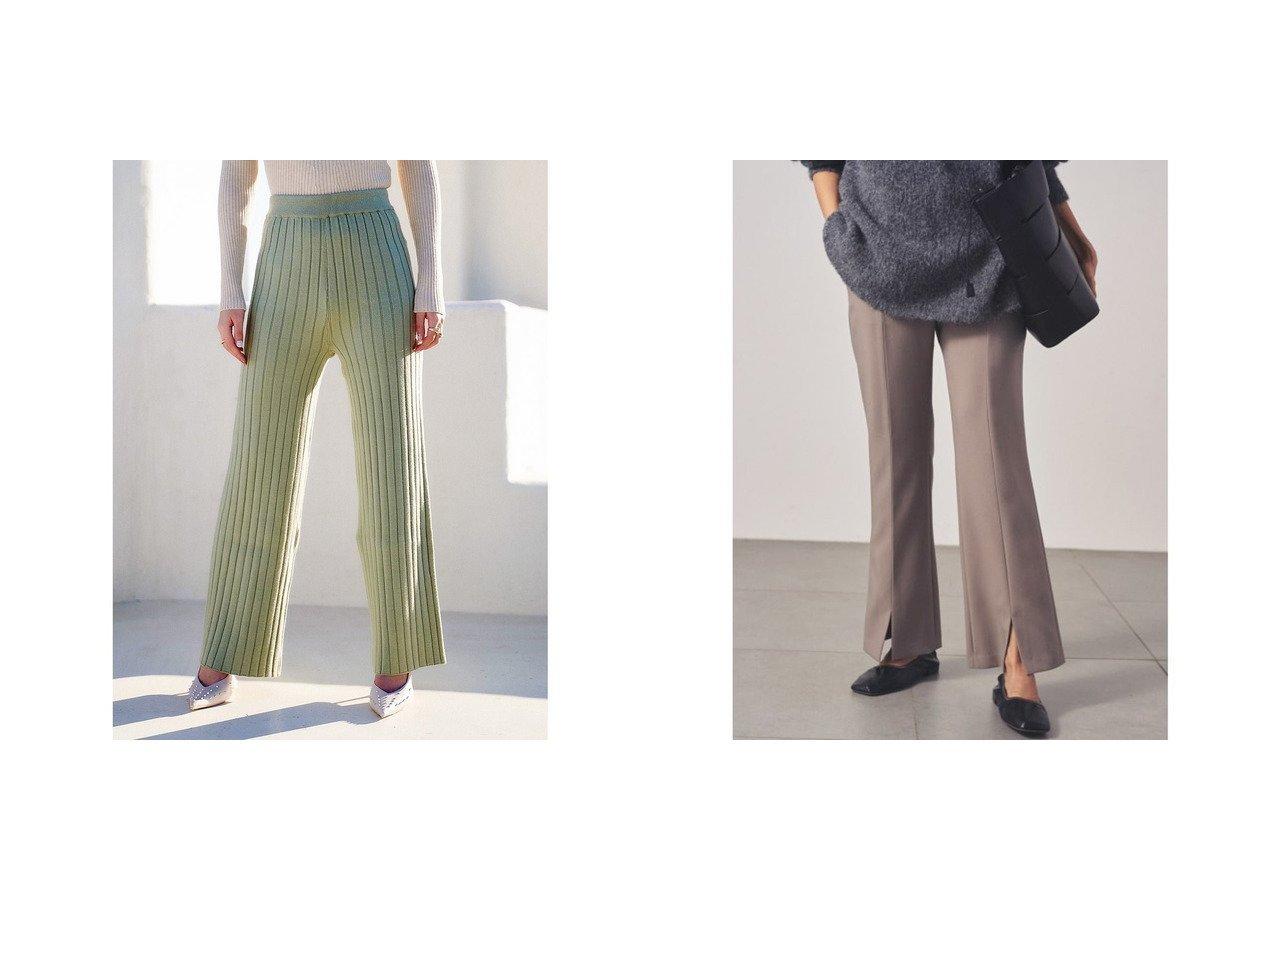 【Darich/ダーリッチ】のワイドリブニットパンツ&【Mila Owen/ミラオーウェン】の3点SETスーツパンツ パンツのおすすめ!人気、トレンド・レディースファッションの通販 おすすめで人気の流行・トレンド、ファッションの通販商品 メンズファッション・キッズファッション・インテリア・家具・レディースファッション・服の通販 founy(ファニー) https://founy.com/ ファッション Fashion レディースファッション WOMEN パンツ Pants スーツ Suits スーツパンツ Pantsuit 2021年 2021 2021 春夏 S/S SS Spring/Summer 2021 S/S 春夏 SS Spring/Summer ワイド 春 Spring ジャケット スマート スリット スーツ フロント |ID:crp329100000015803